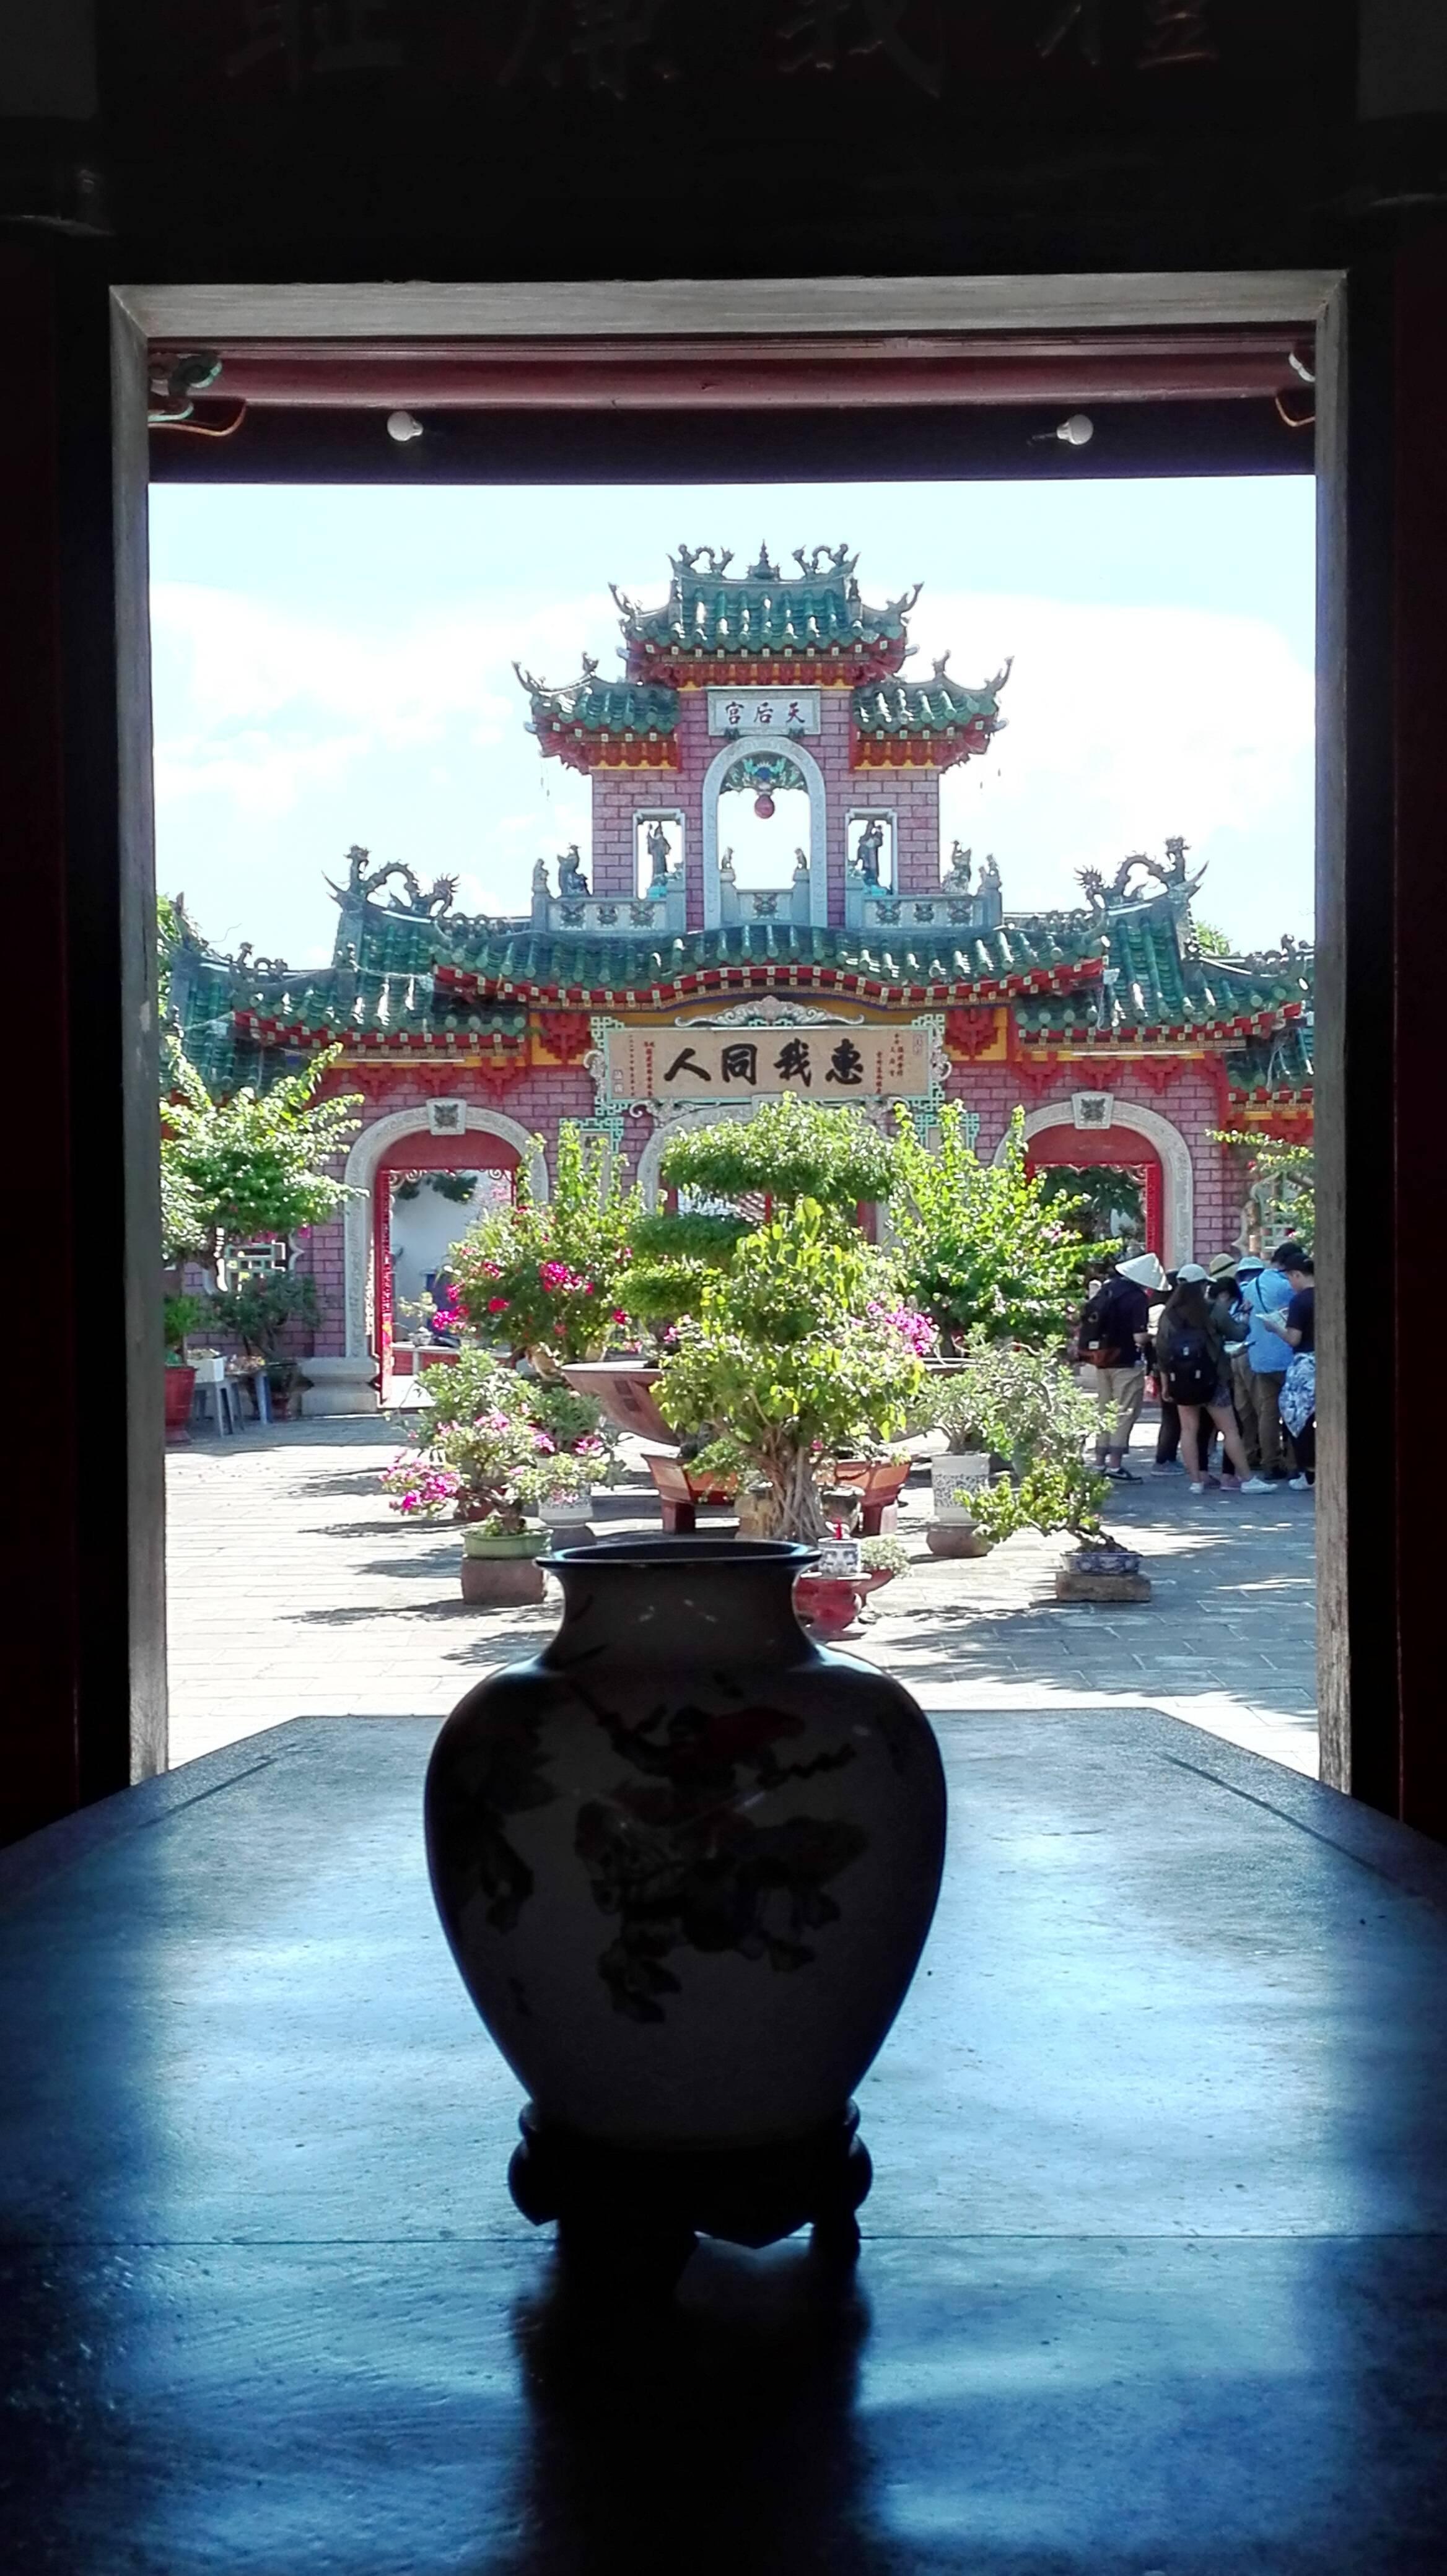 Photo 3: Hoi An et son vieux quartier chinois